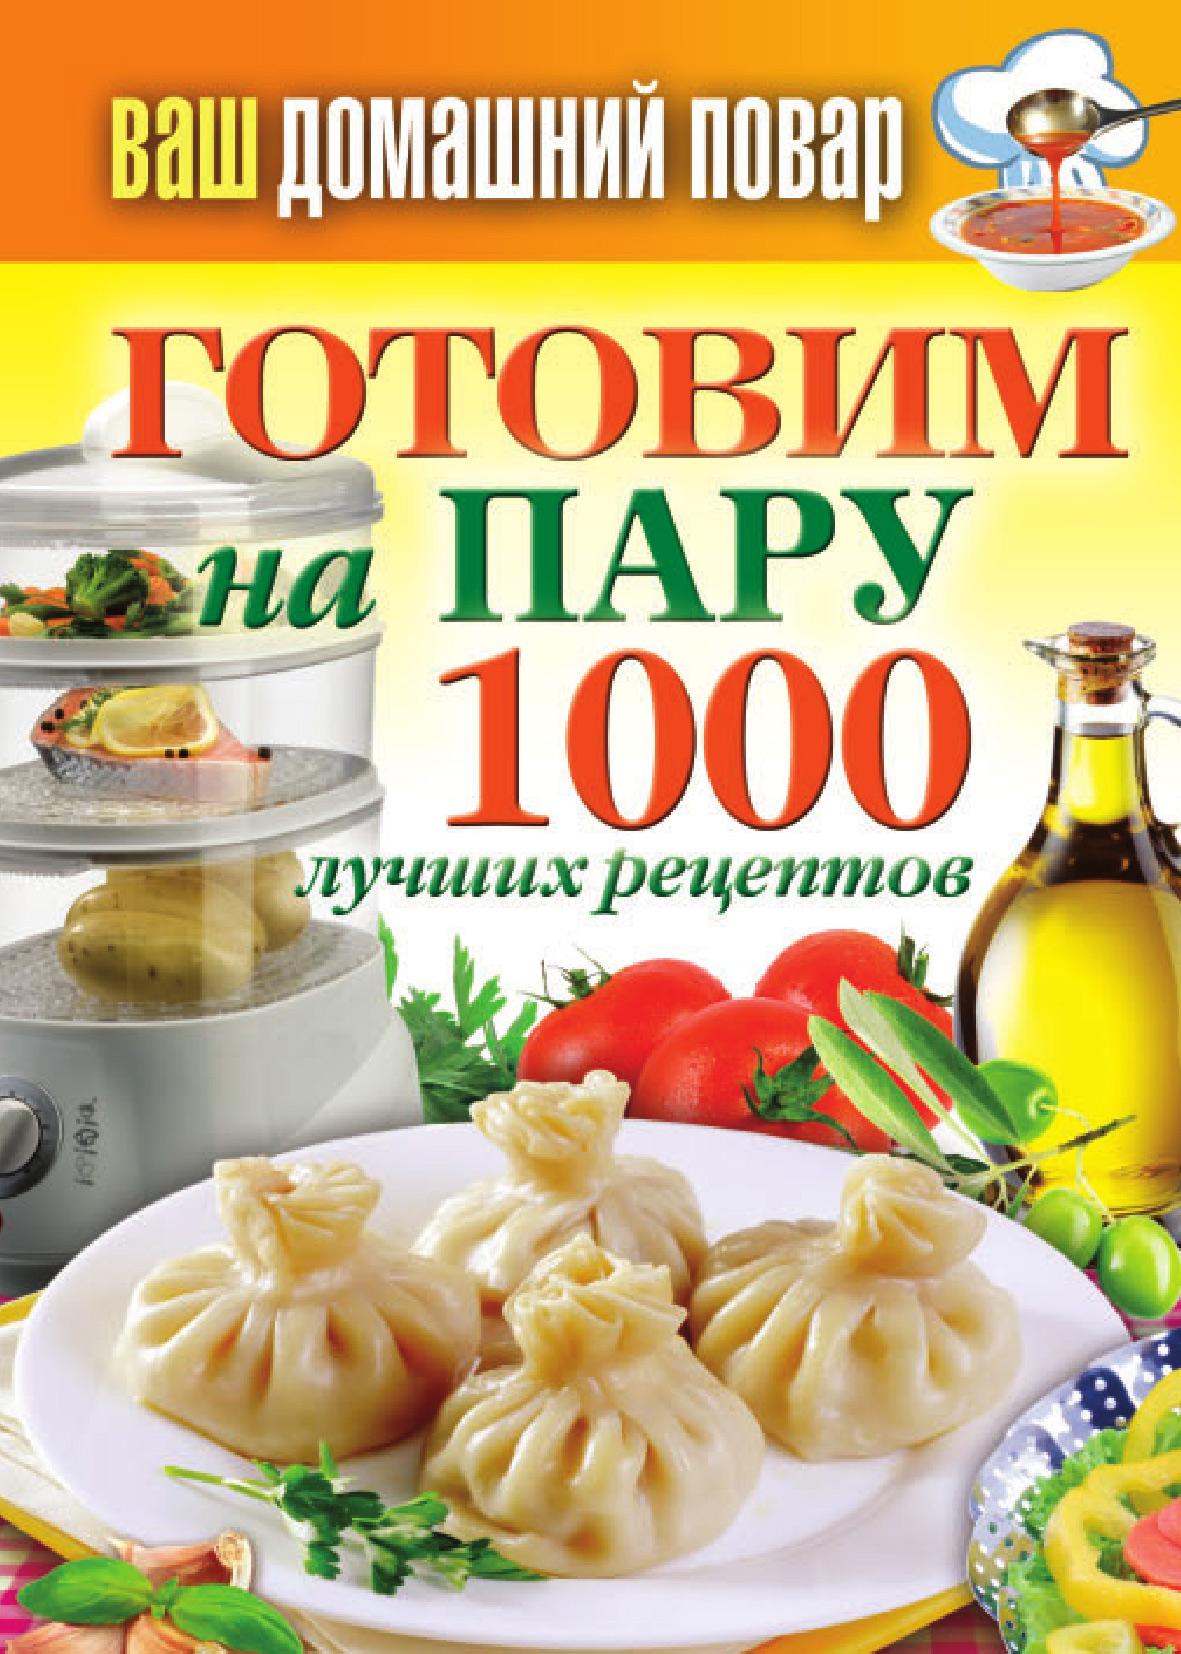 Отсутствует Готовим . 1000 лучших рецептов